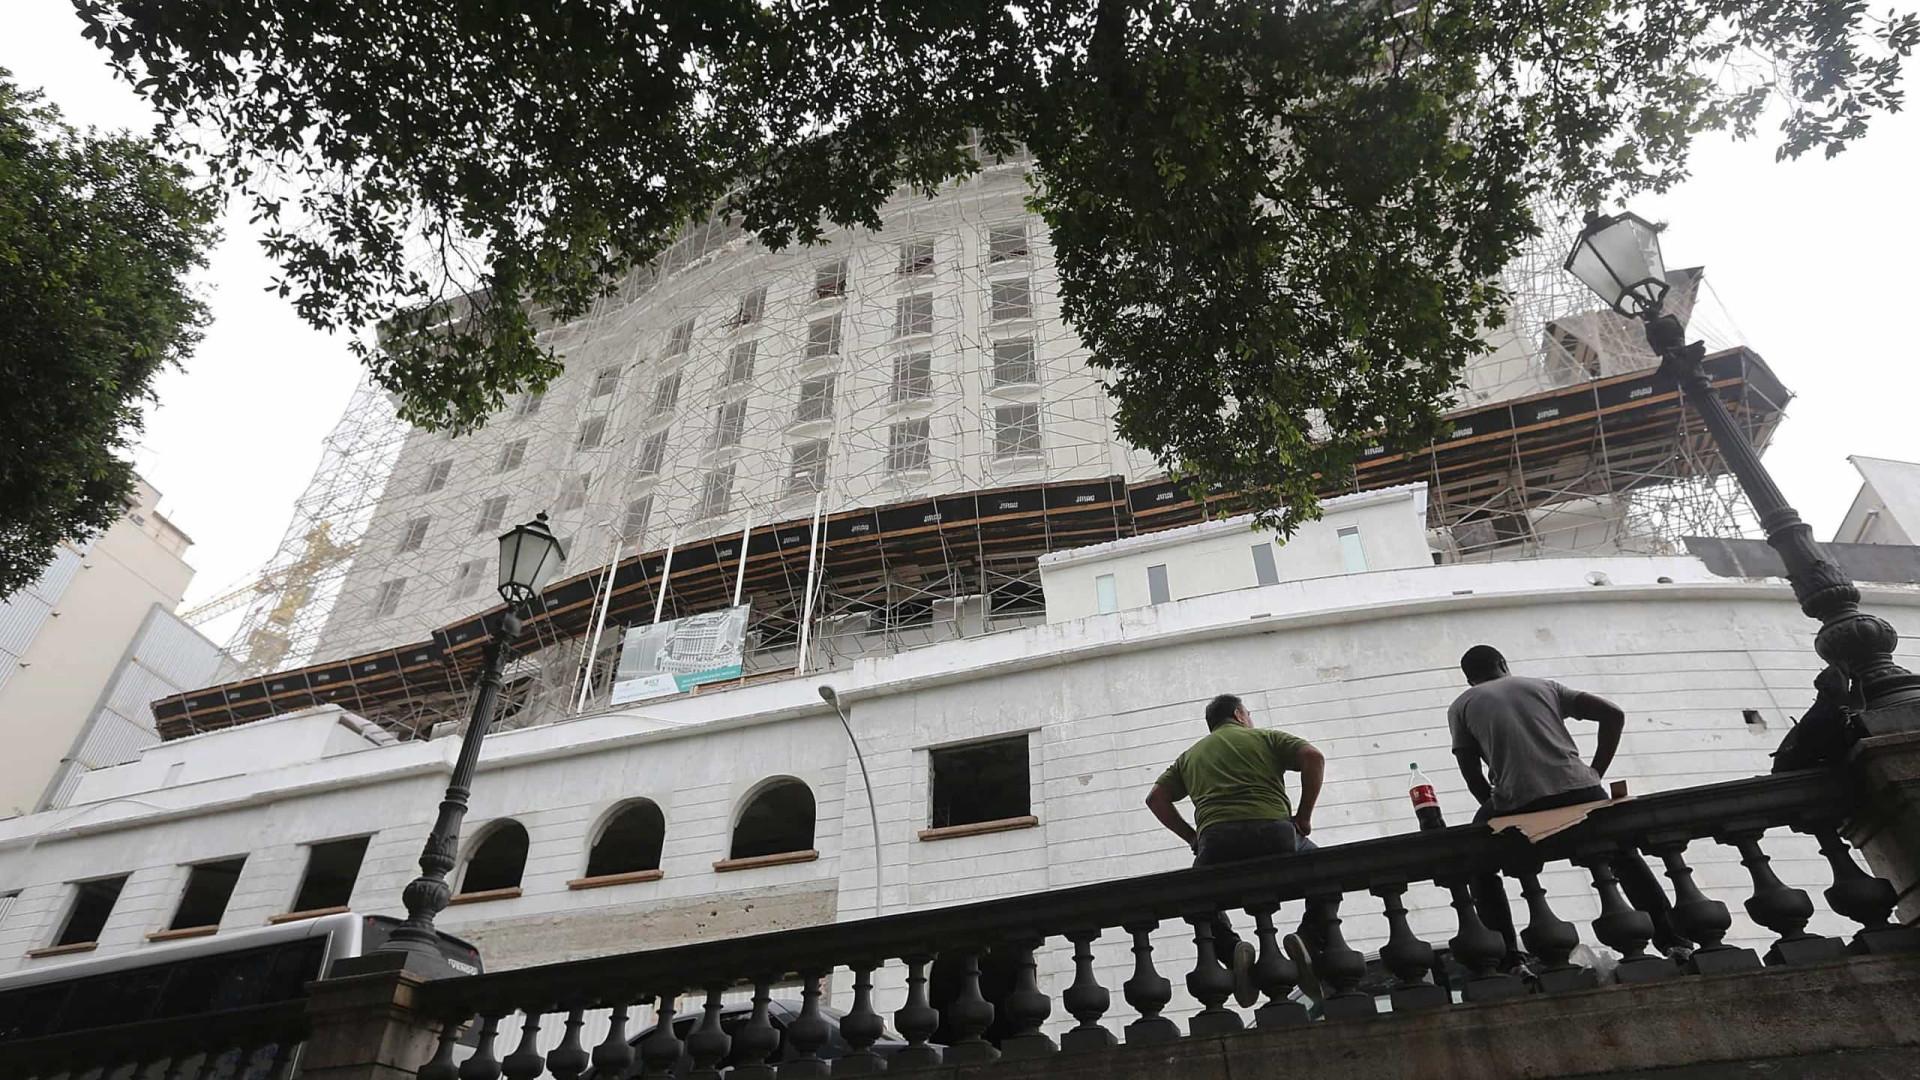 Histórico Hotel Glória no RJ vai virar prédio residencial